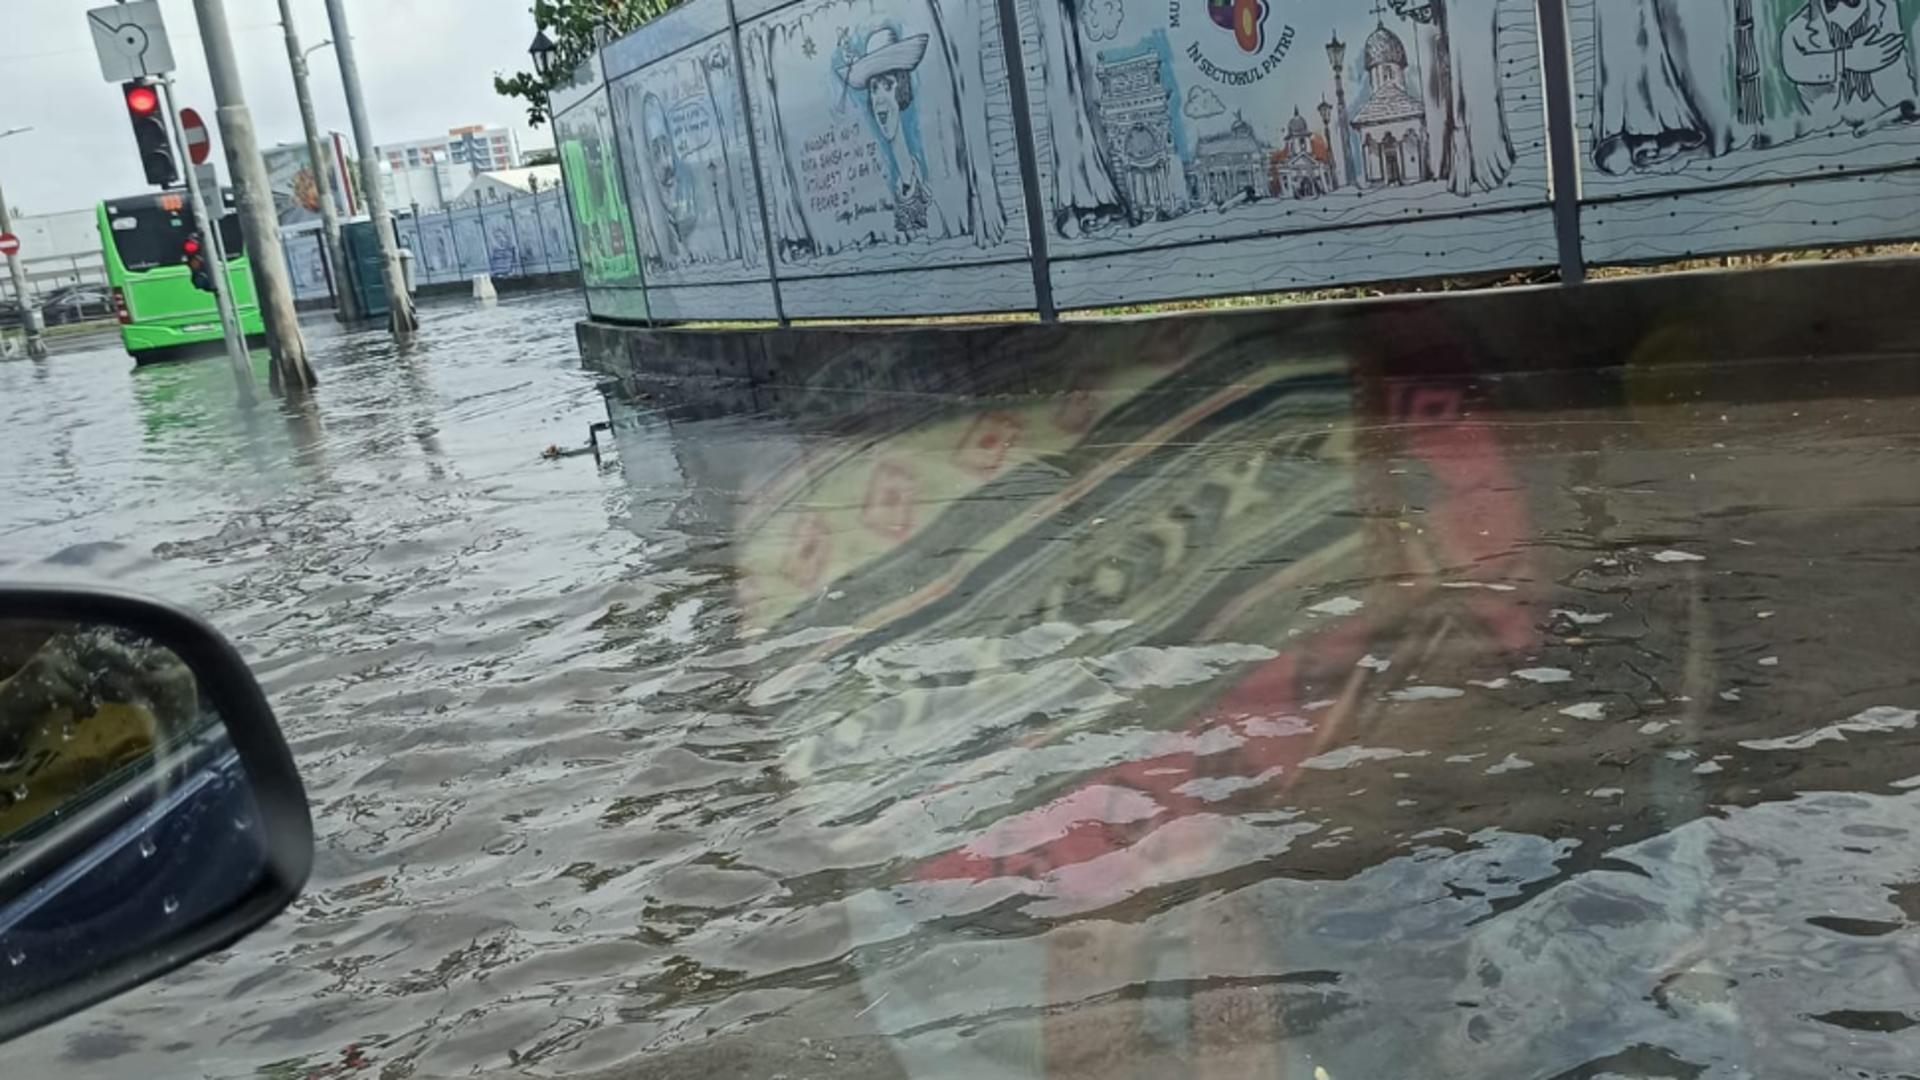 Inundații Capitală / Foto: Facebook grup Info Trafic Bucuresti si Ilfov